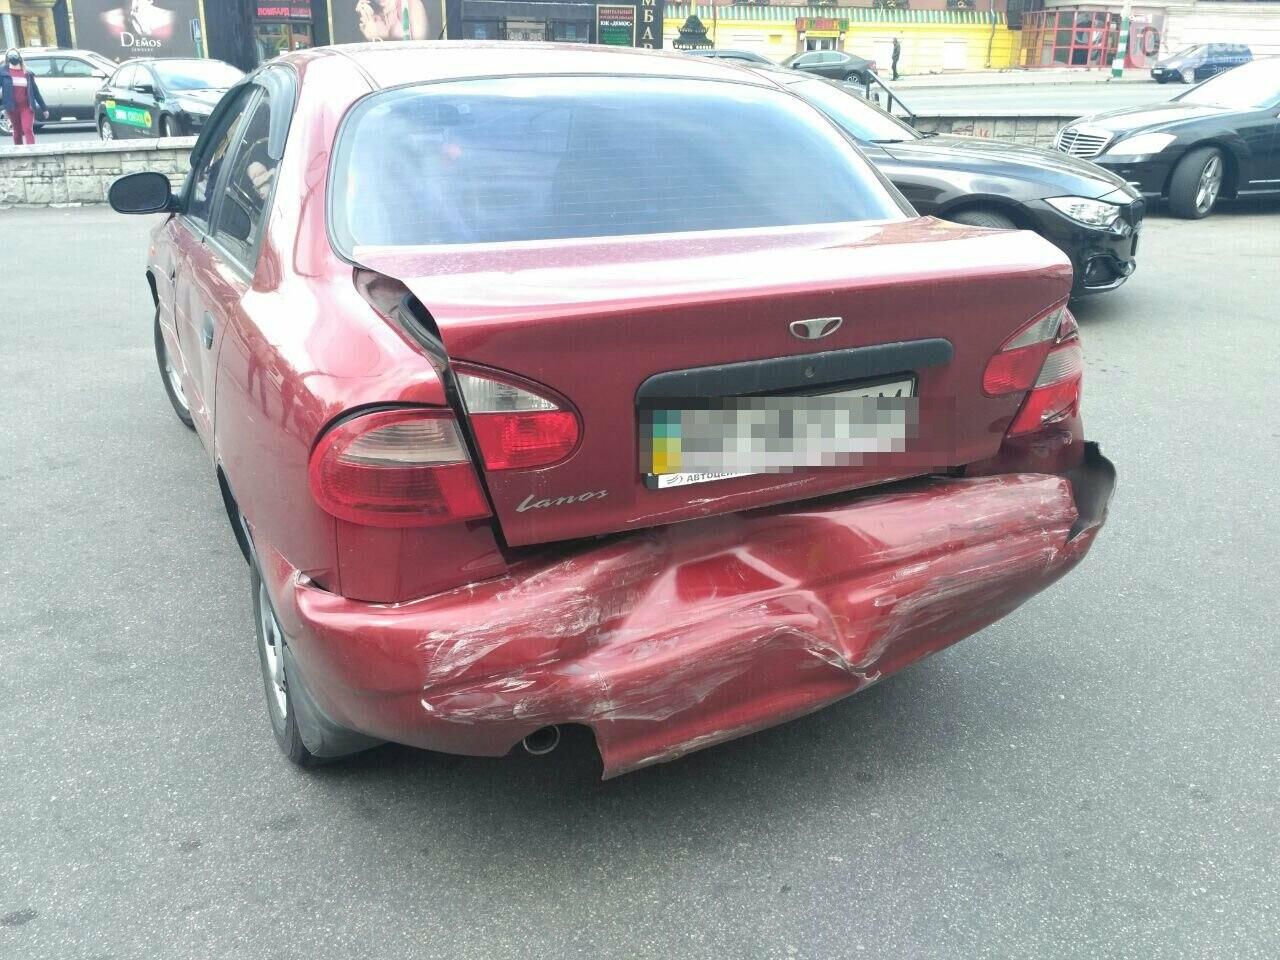 В Запорожье водитель Porsche Panamera протаранила 4 припаркованных авто возле ТЦ - видео момента ДТП, фото-4